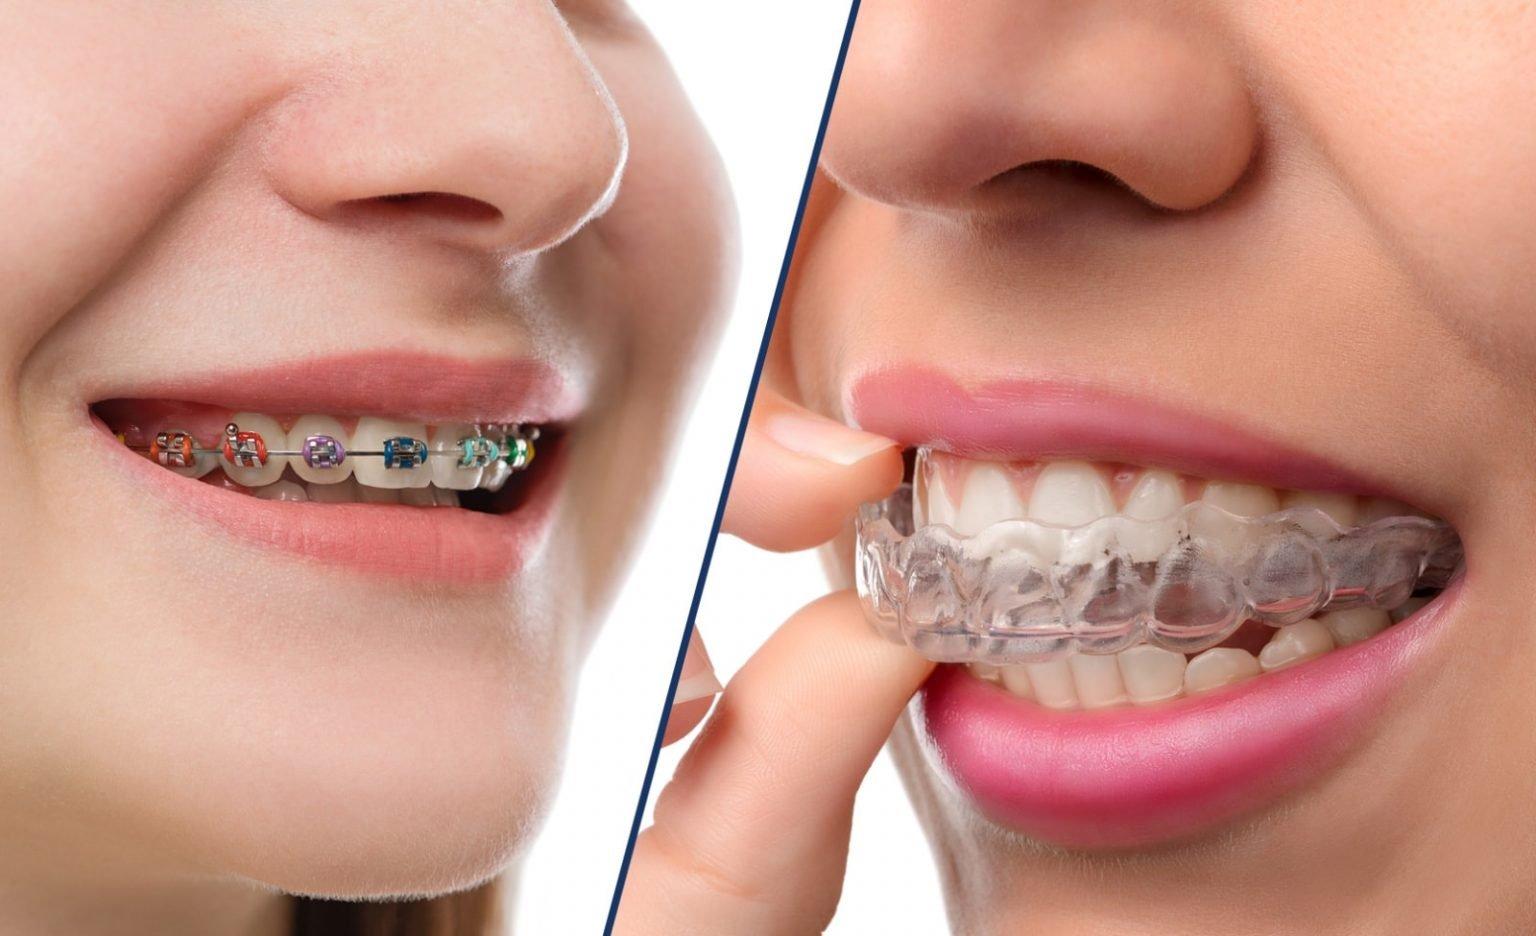 أشكال تقويم الأسنان